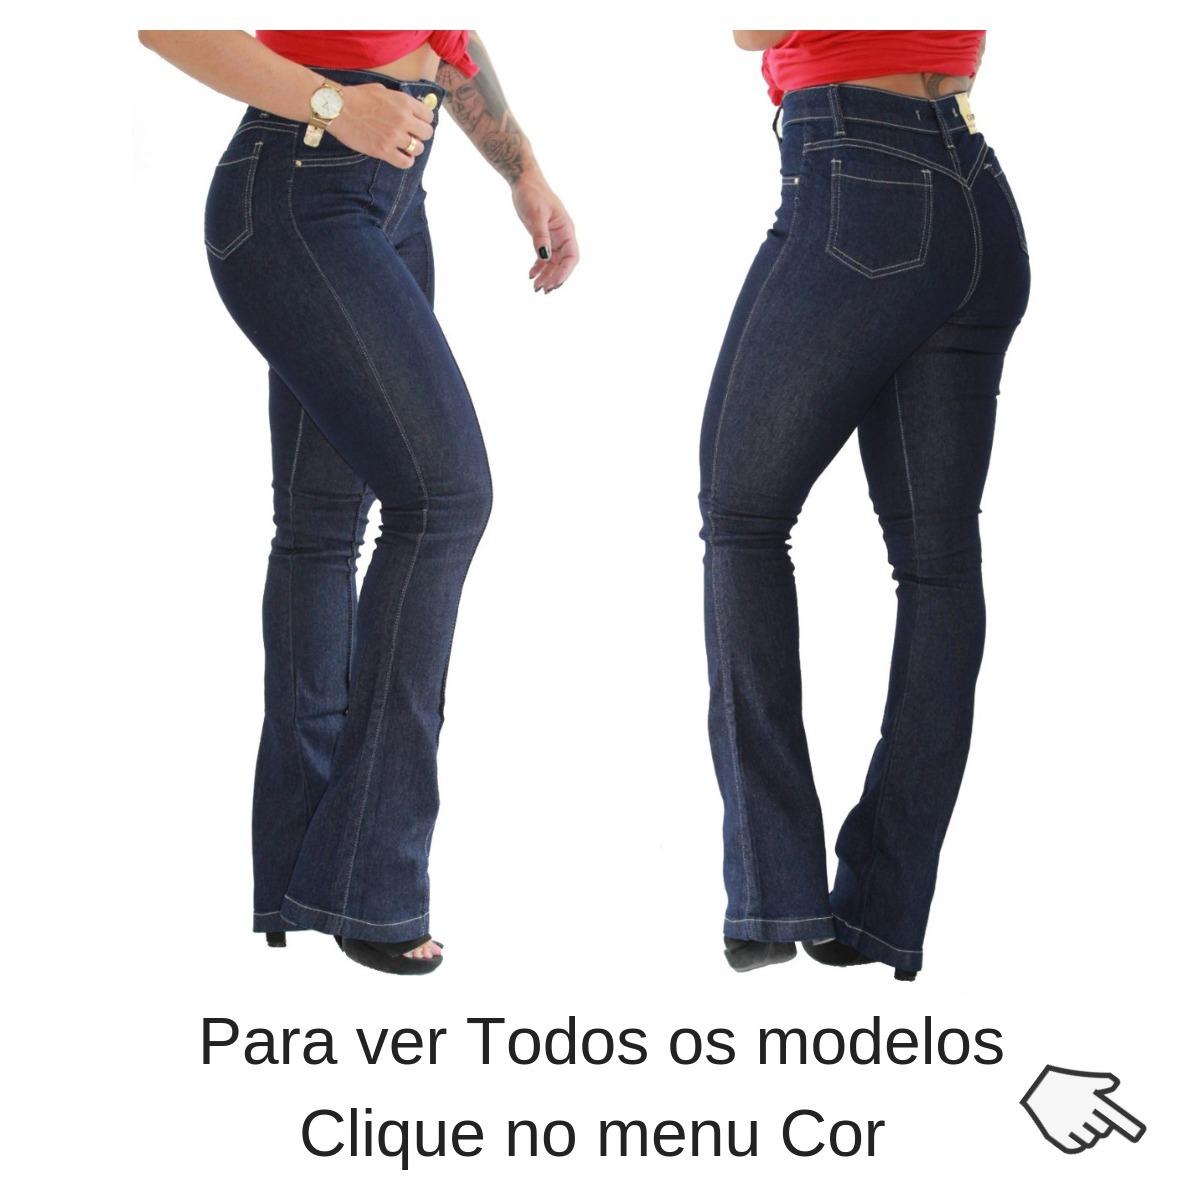 82a17551435c6 calça jeans feminina flare e skinny vários modelos + brinde. Carregando zoom .